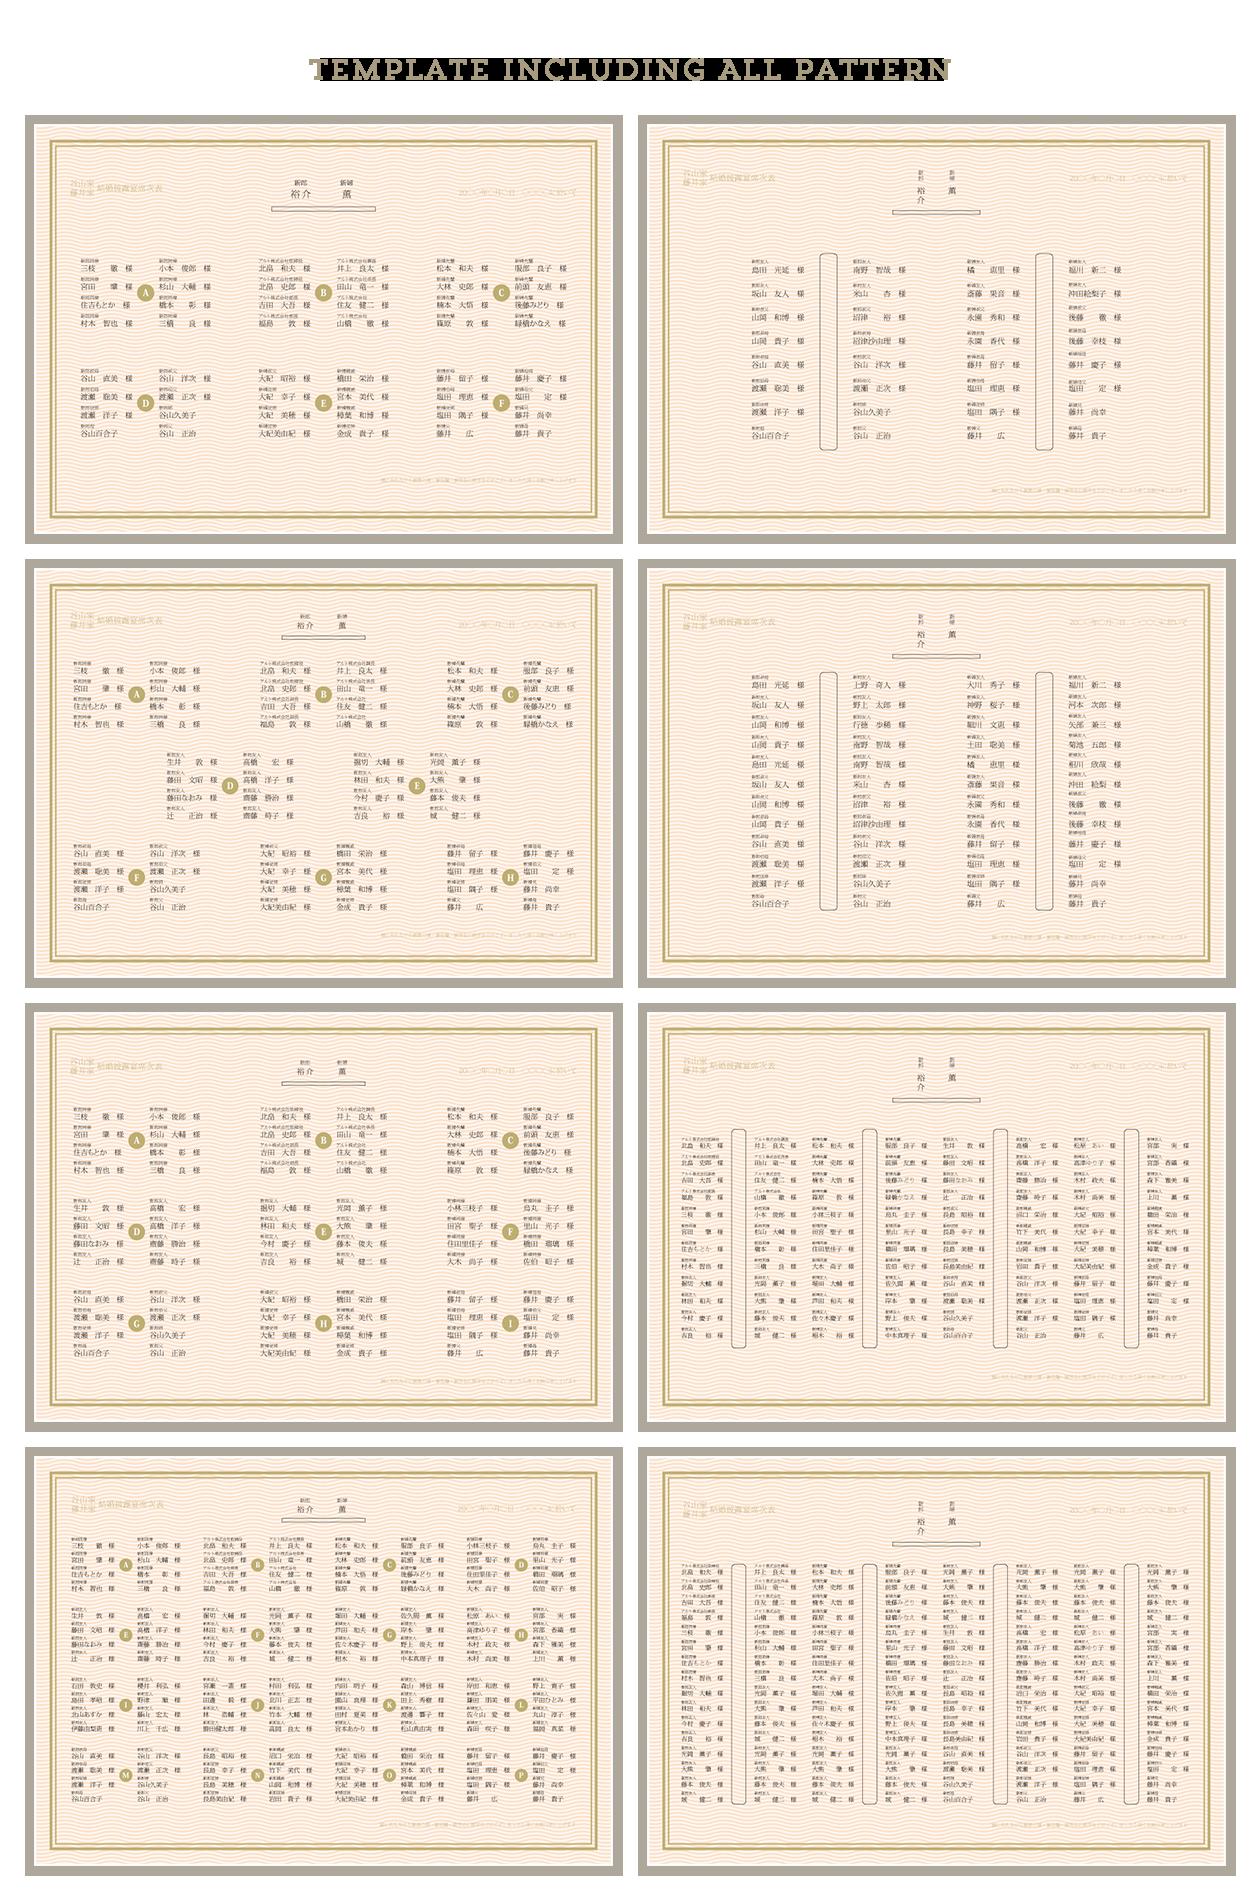 席次表の無料テンプレート素材 配置一覧